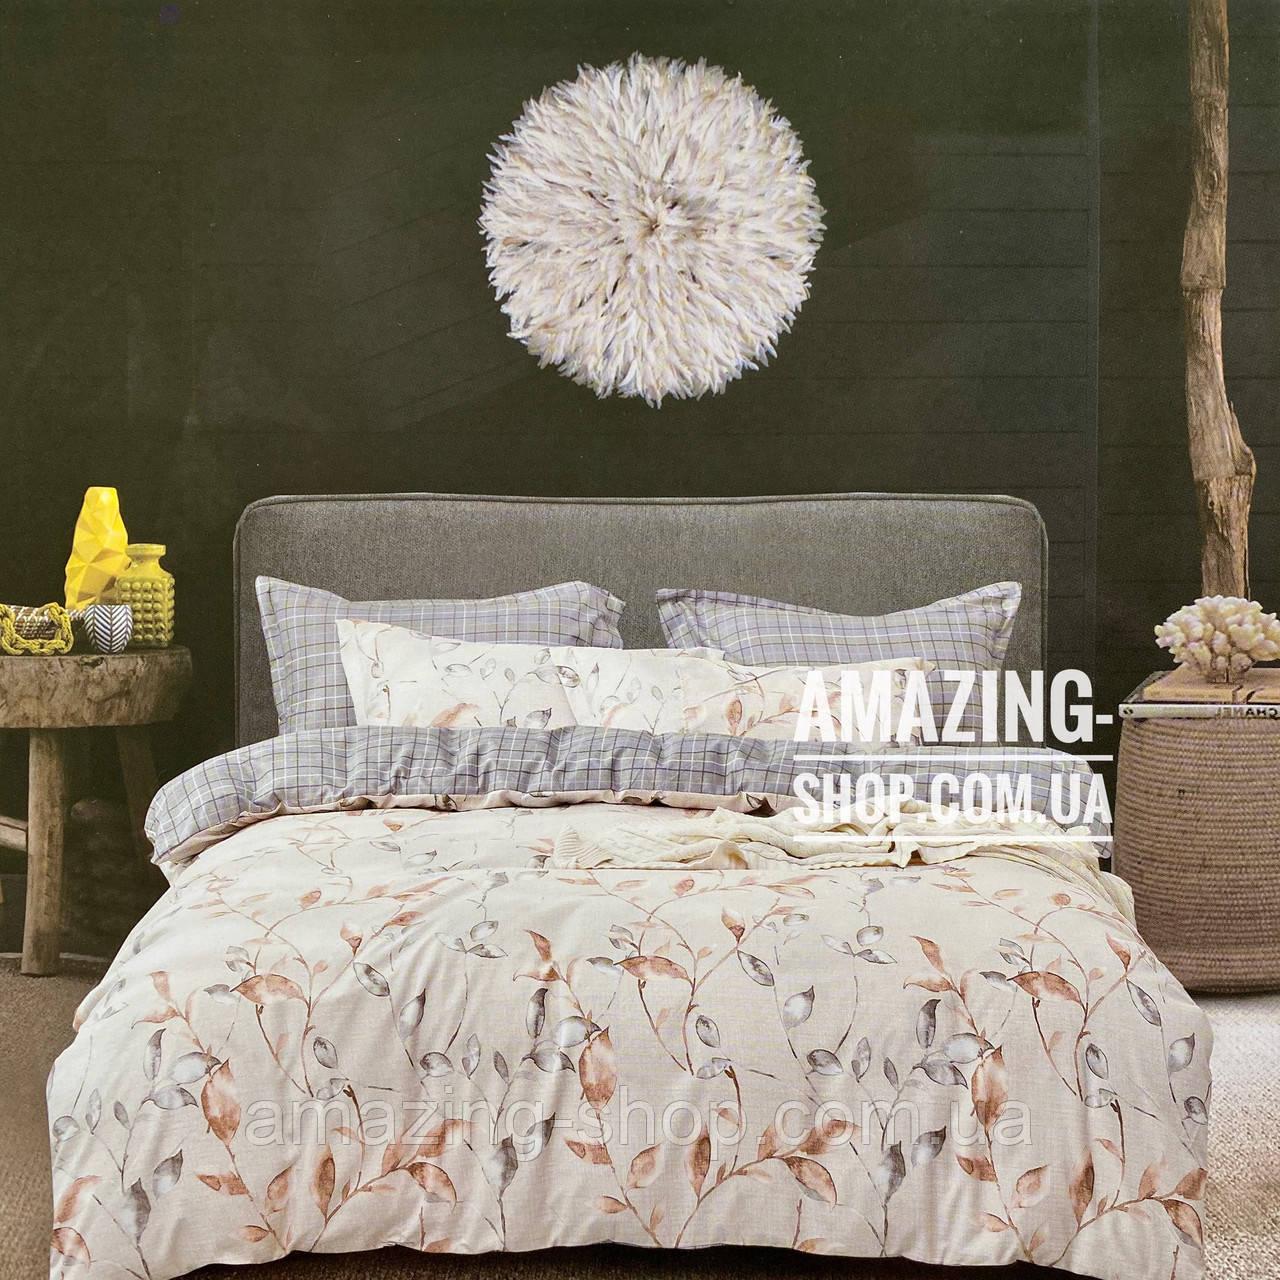 Постельное белье Двуспальное. Двоспальна постільна білизна. Двуспальный комплект постельного белья с Фланели.